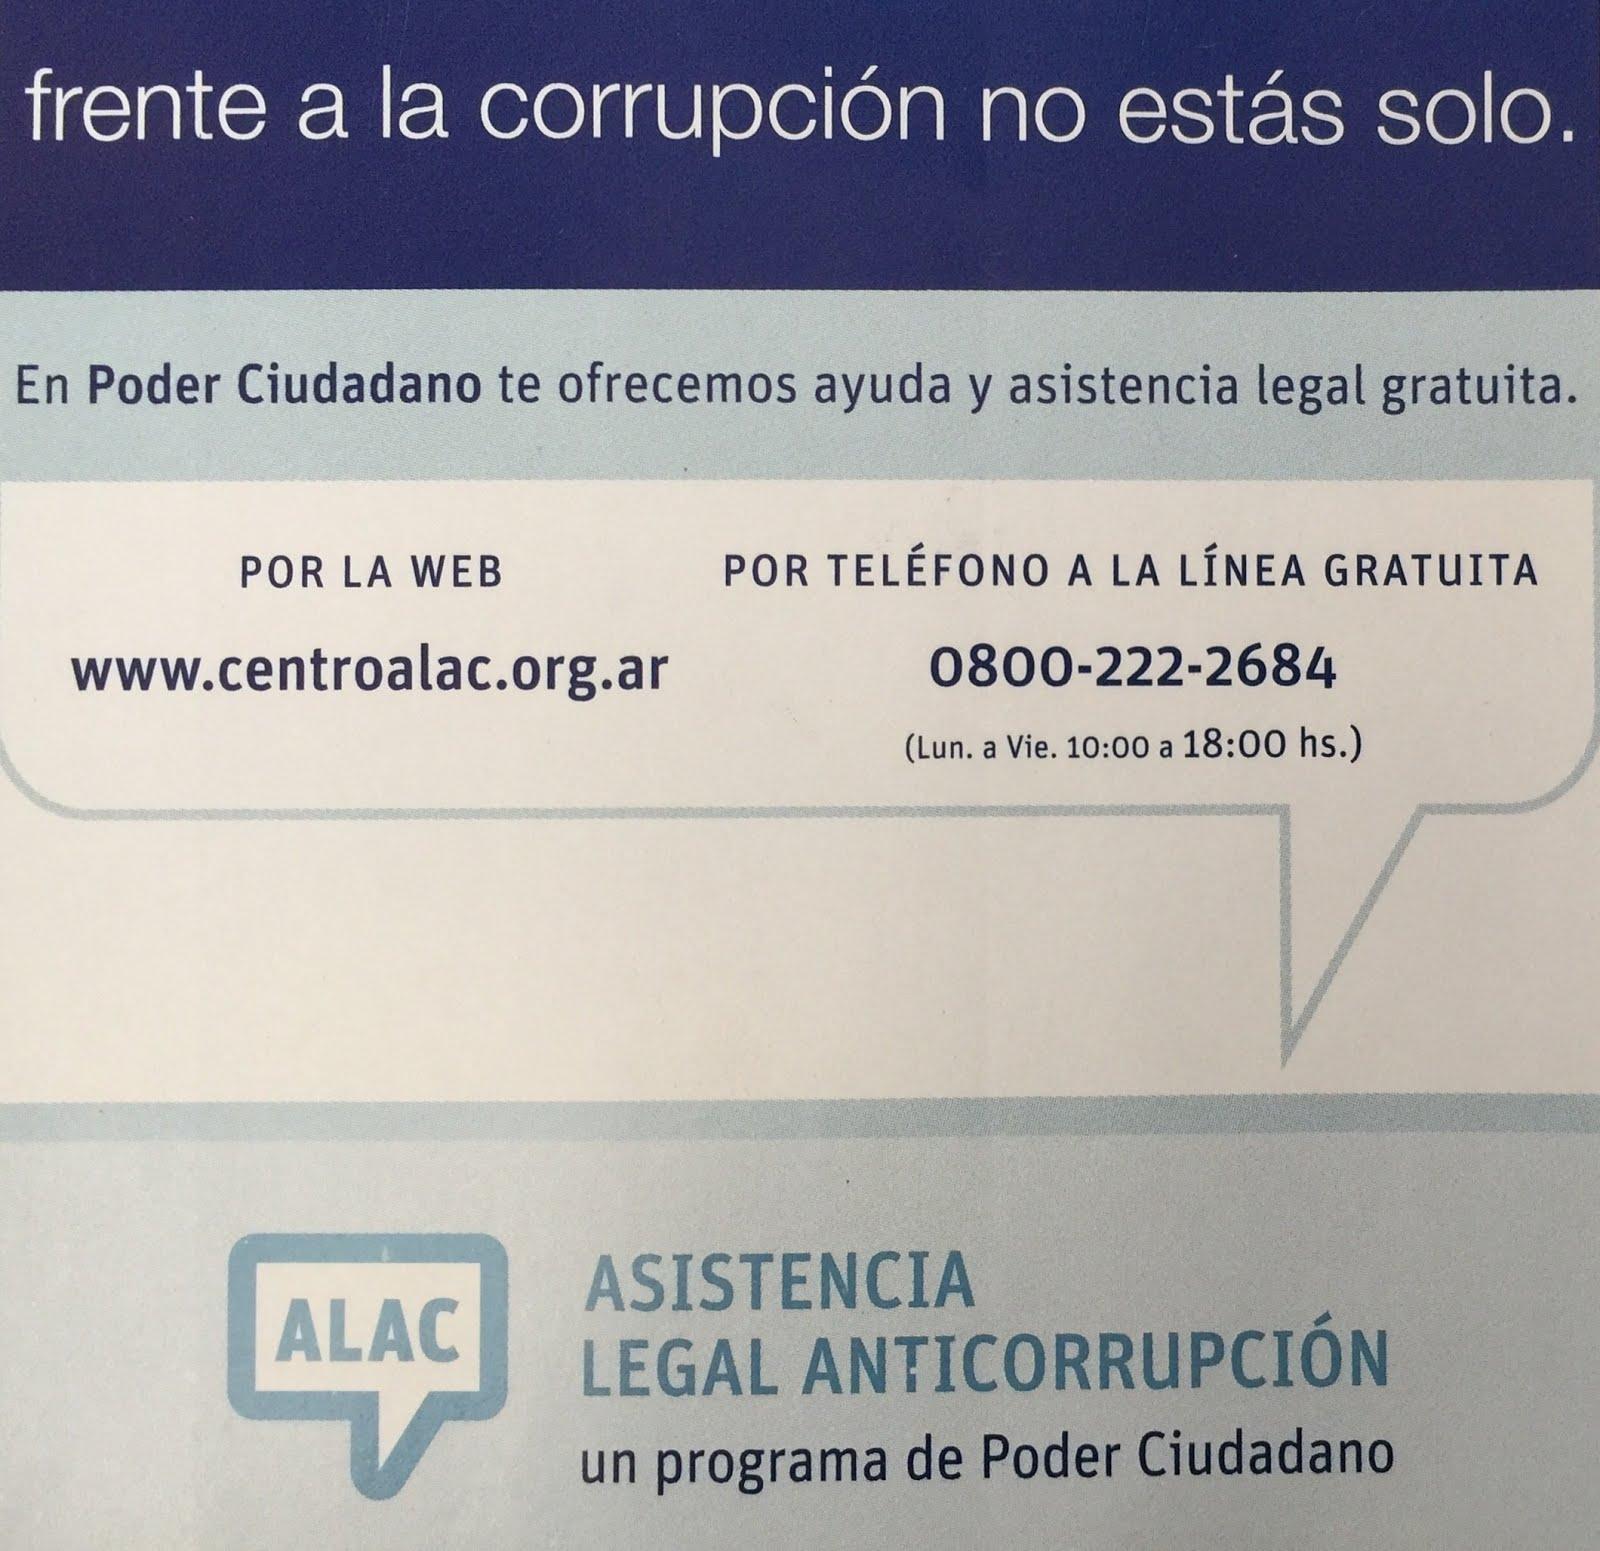 Asistencia Legal Anticorrupción